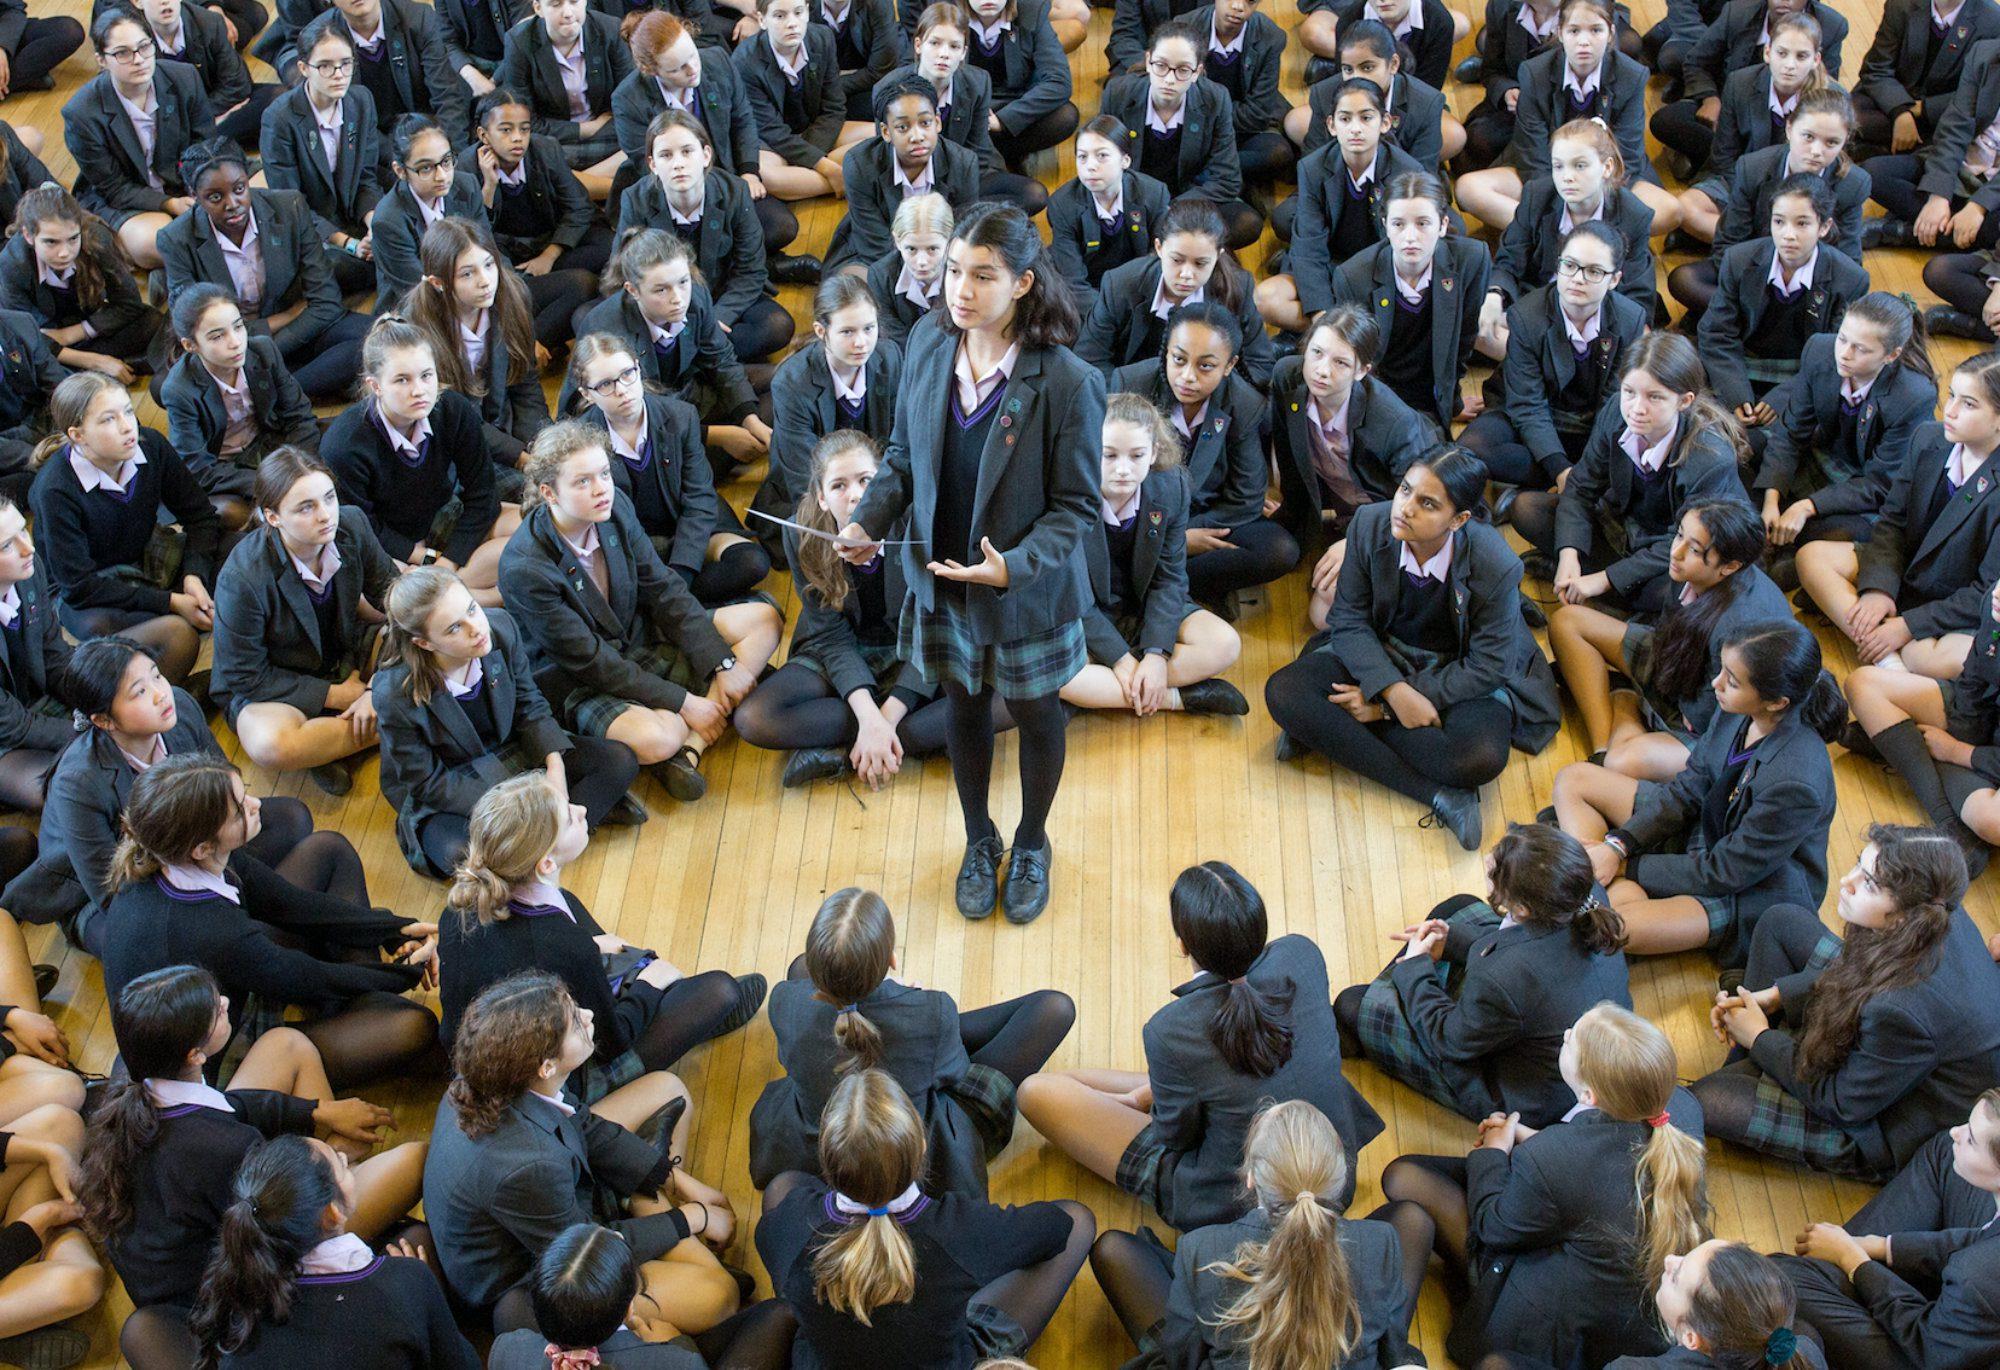 SCHS - Speaking to senior school girls